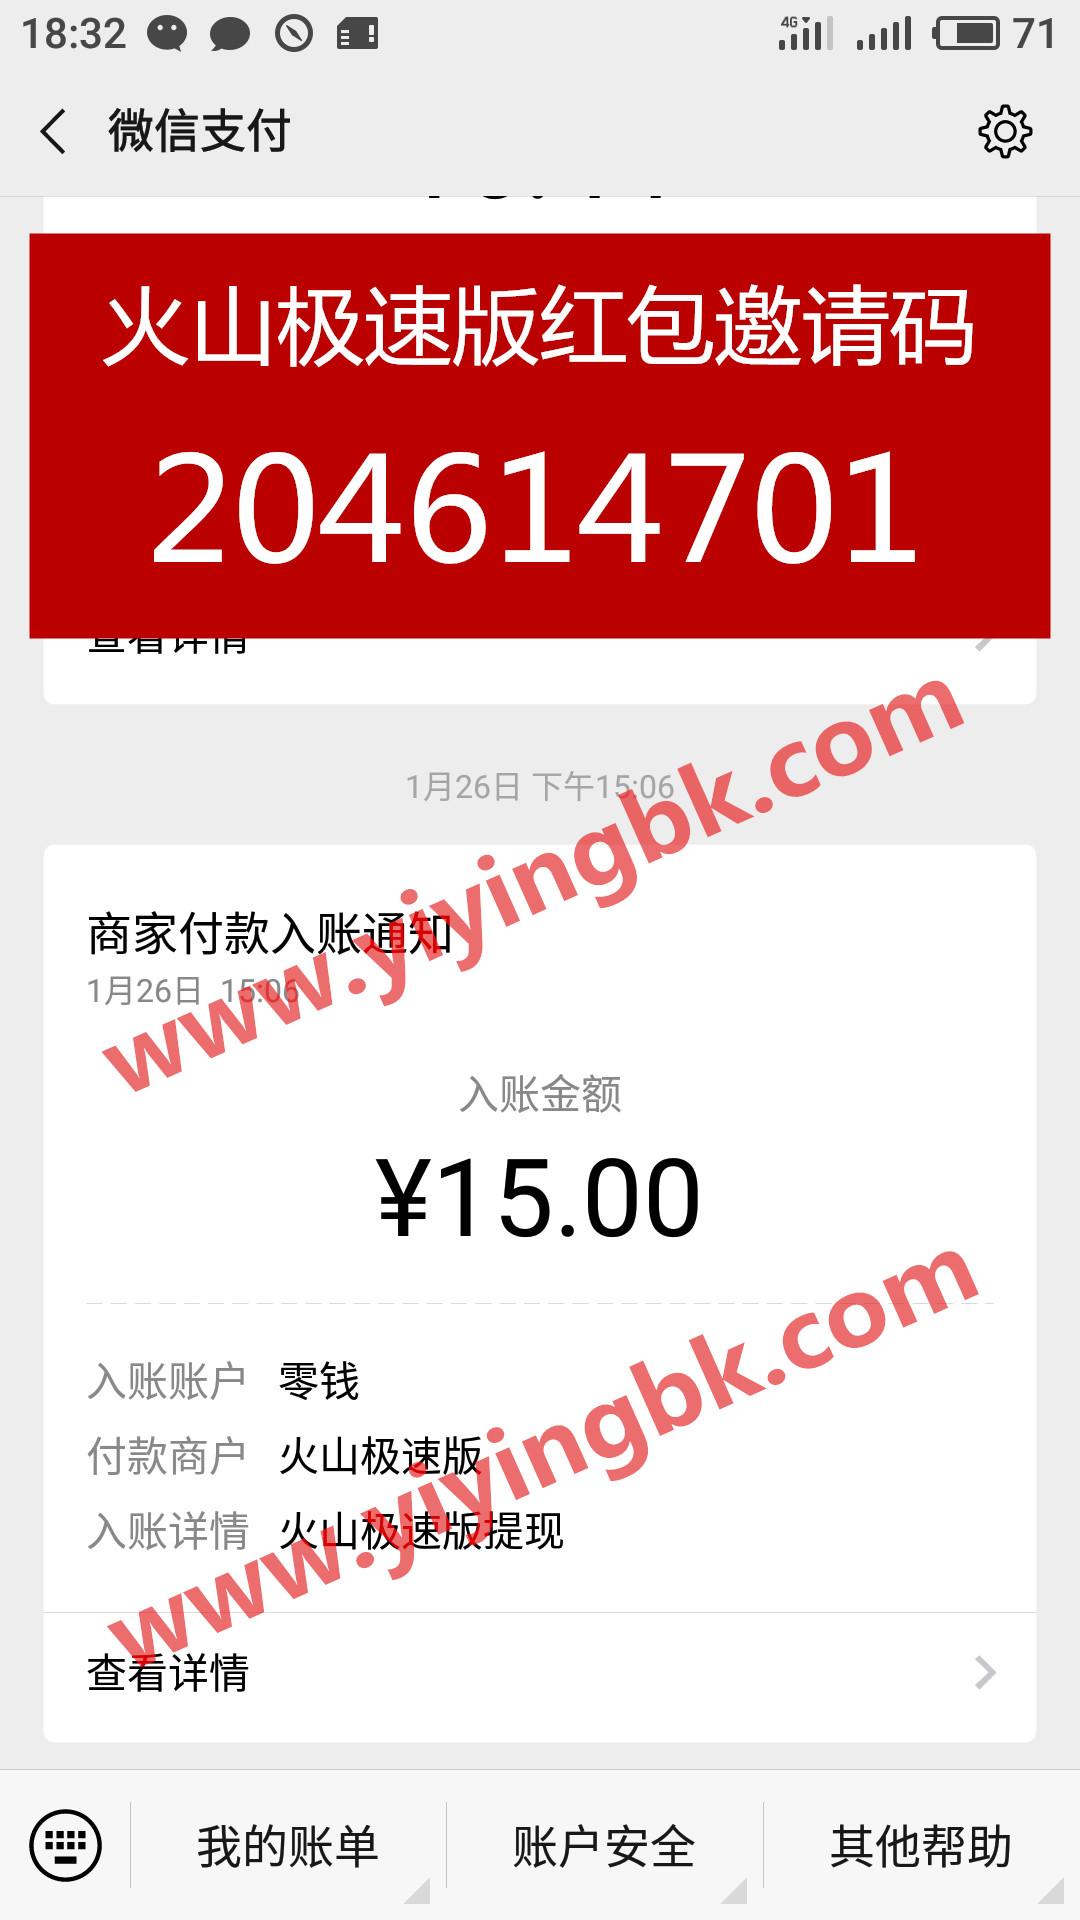 火山极速版微信提现15元,支付极速到账。www.yiyingbk.com